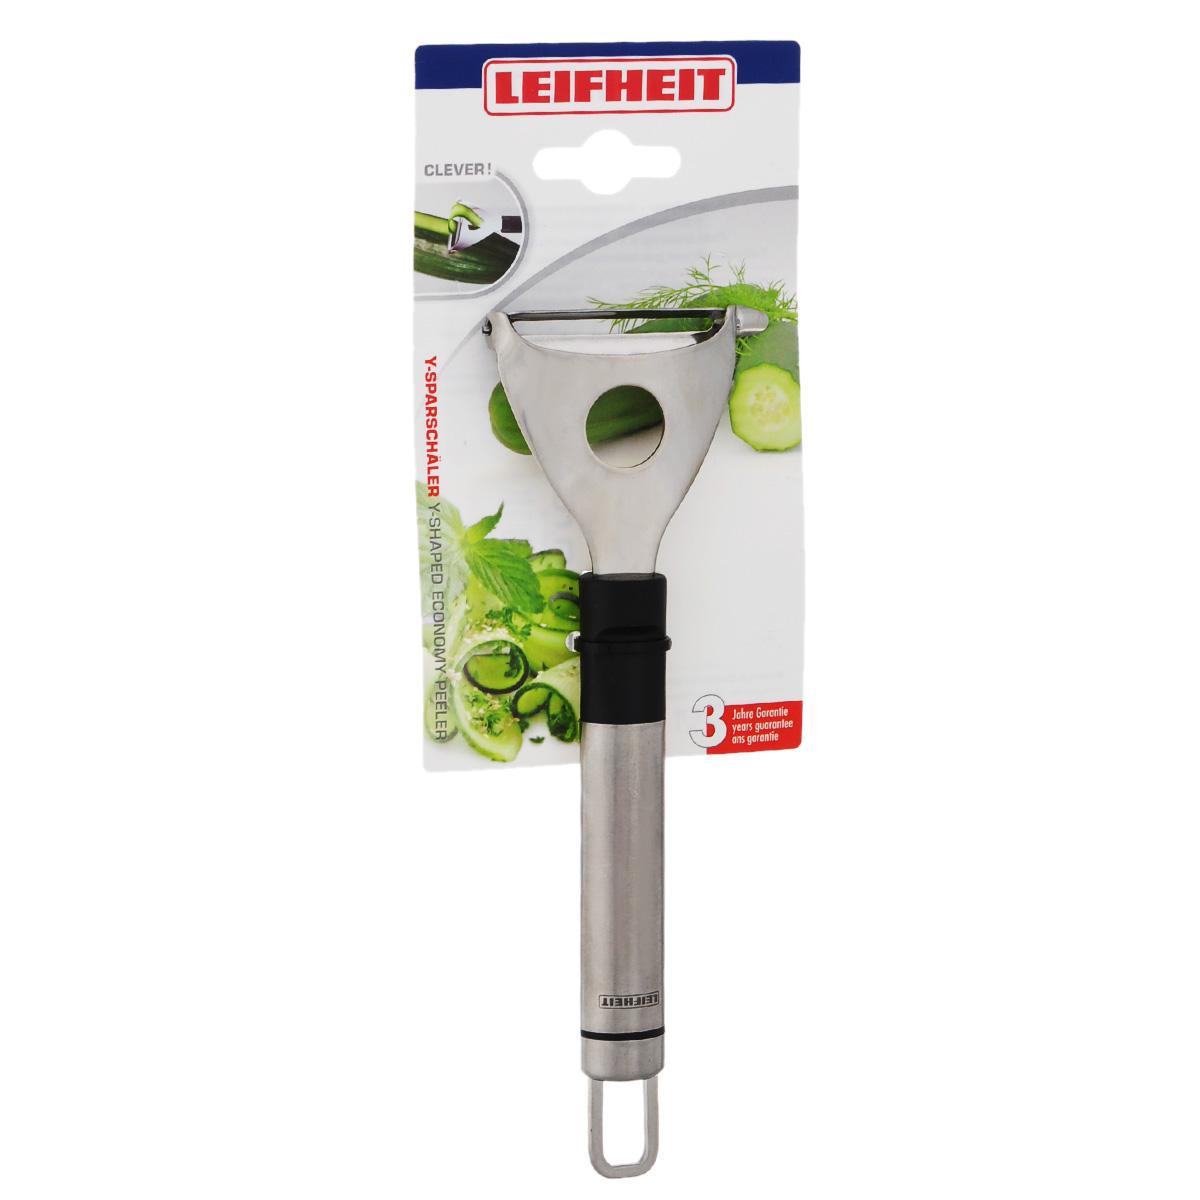 Овощечистка Leifheit Clever!, длина 18,5 см3158Овощечистка Leifheit Clever! изготовлена из высококачественной нержавеющей стали и оснащена плавающим лезвием и удобной ручкой с пластиковой вставкой. Изделие отлично подходит для очистки овощей и фруктов от кожуры. Ручка овощечистки снабжена специальным отверстием для подвешивания. Практичная и удобная овощечистка Leifheit Clever! займет достойное место среди аксессуаров на вашей кухне. Можно мыть в посудомоечной машине.